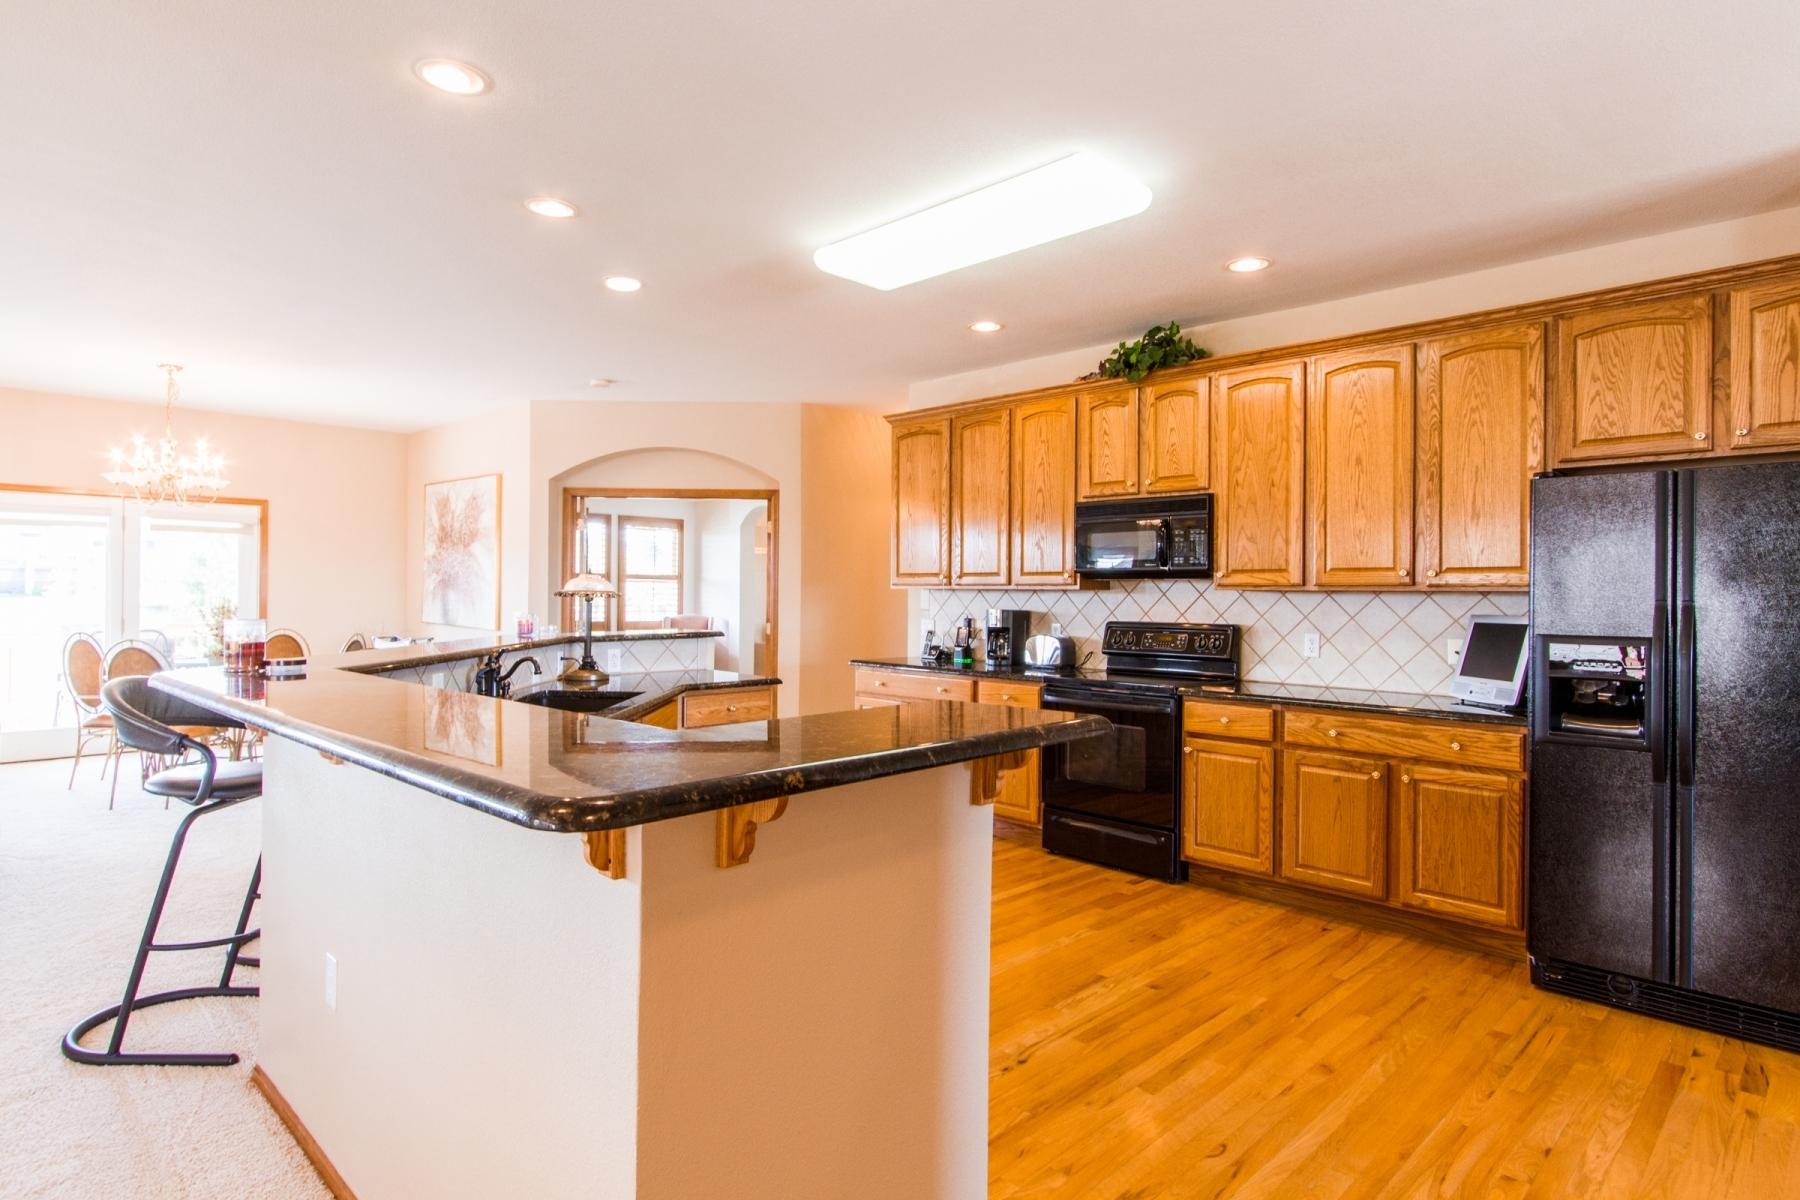 Kitchen_1800x1200_2794114.jpg